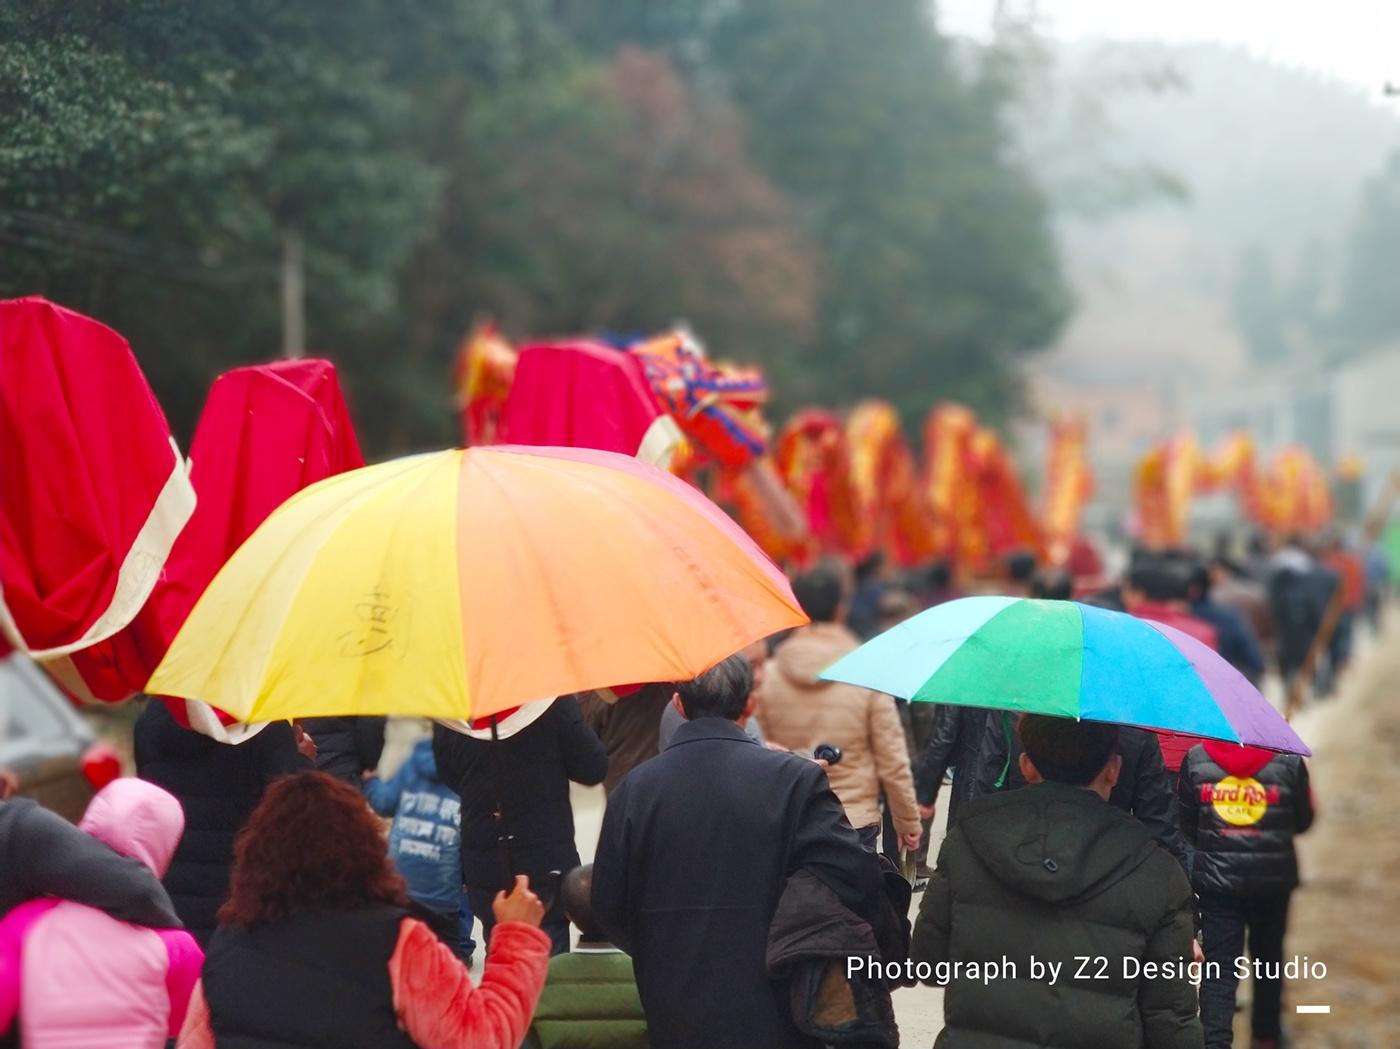 春节,民俗活动,舞龙,chinese new year,dragon dance